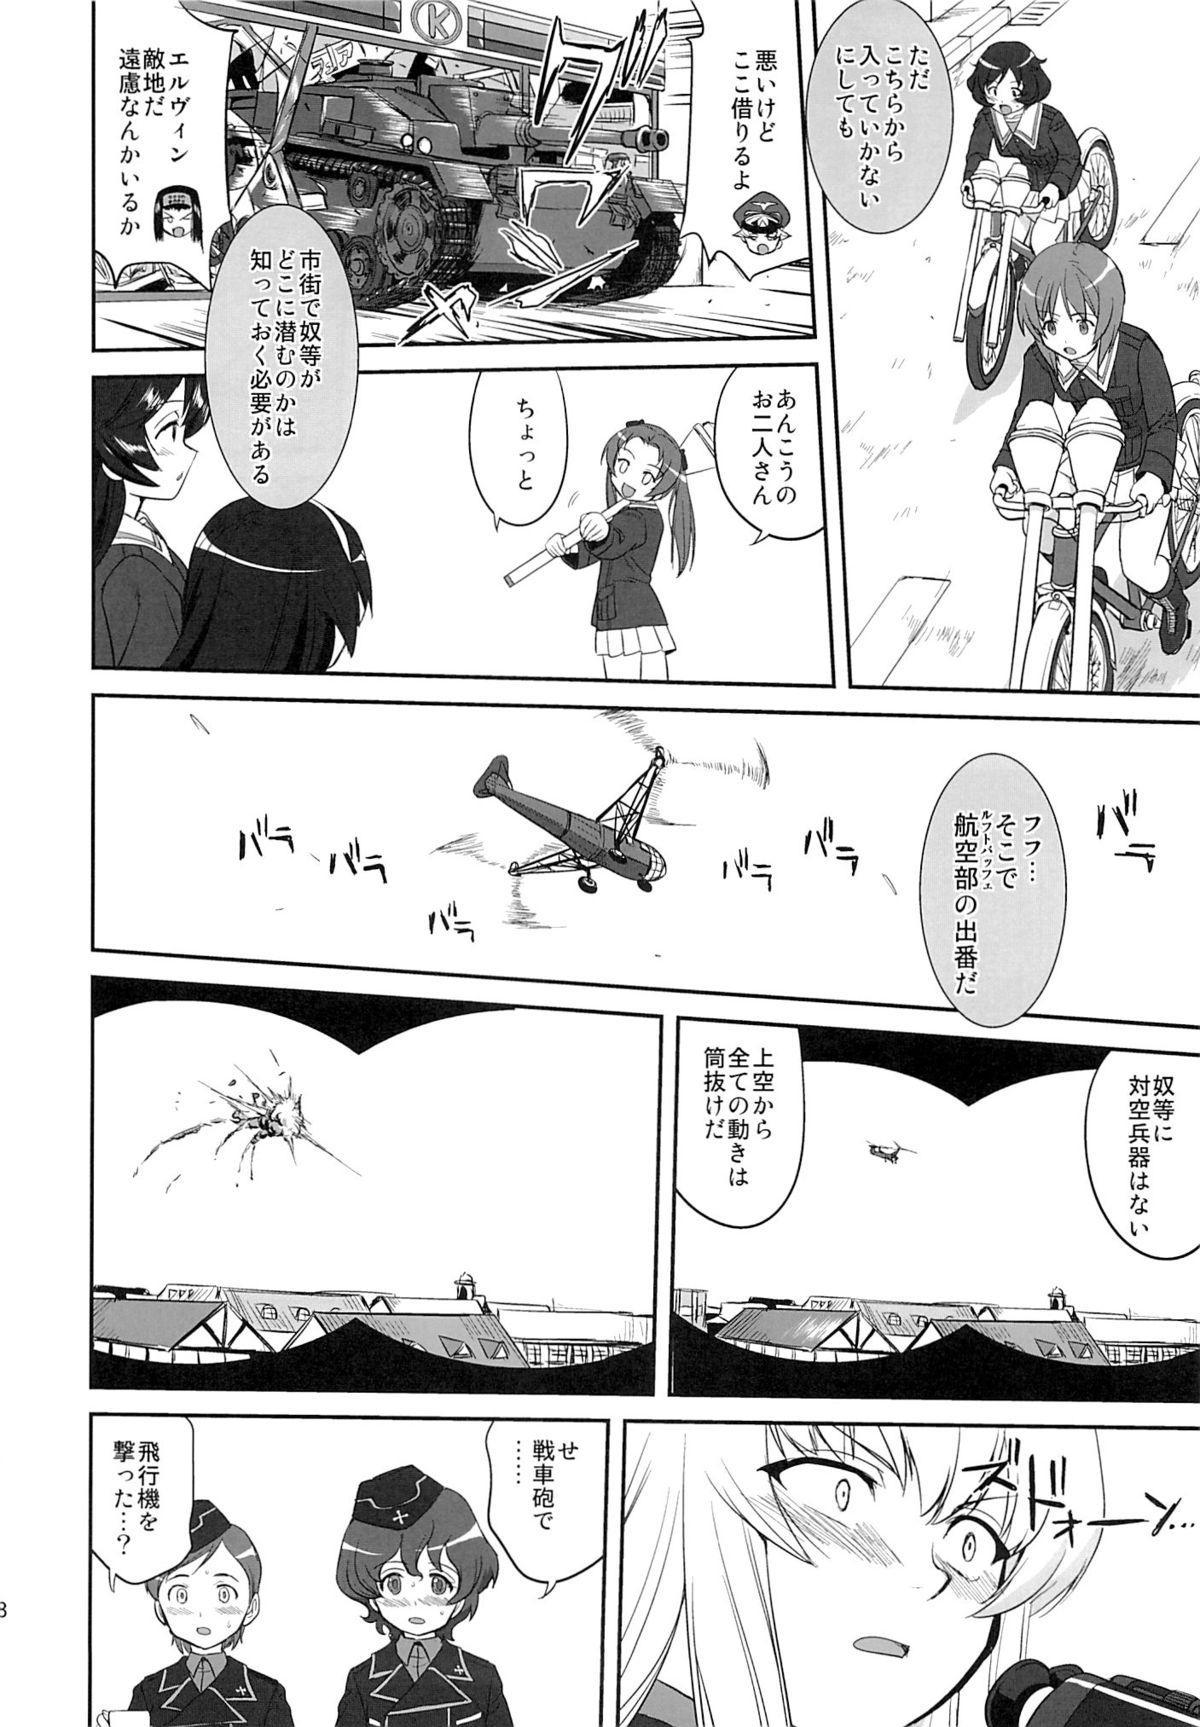 Yukiyukite Senshadou Kuromorimine no Tatakai 26